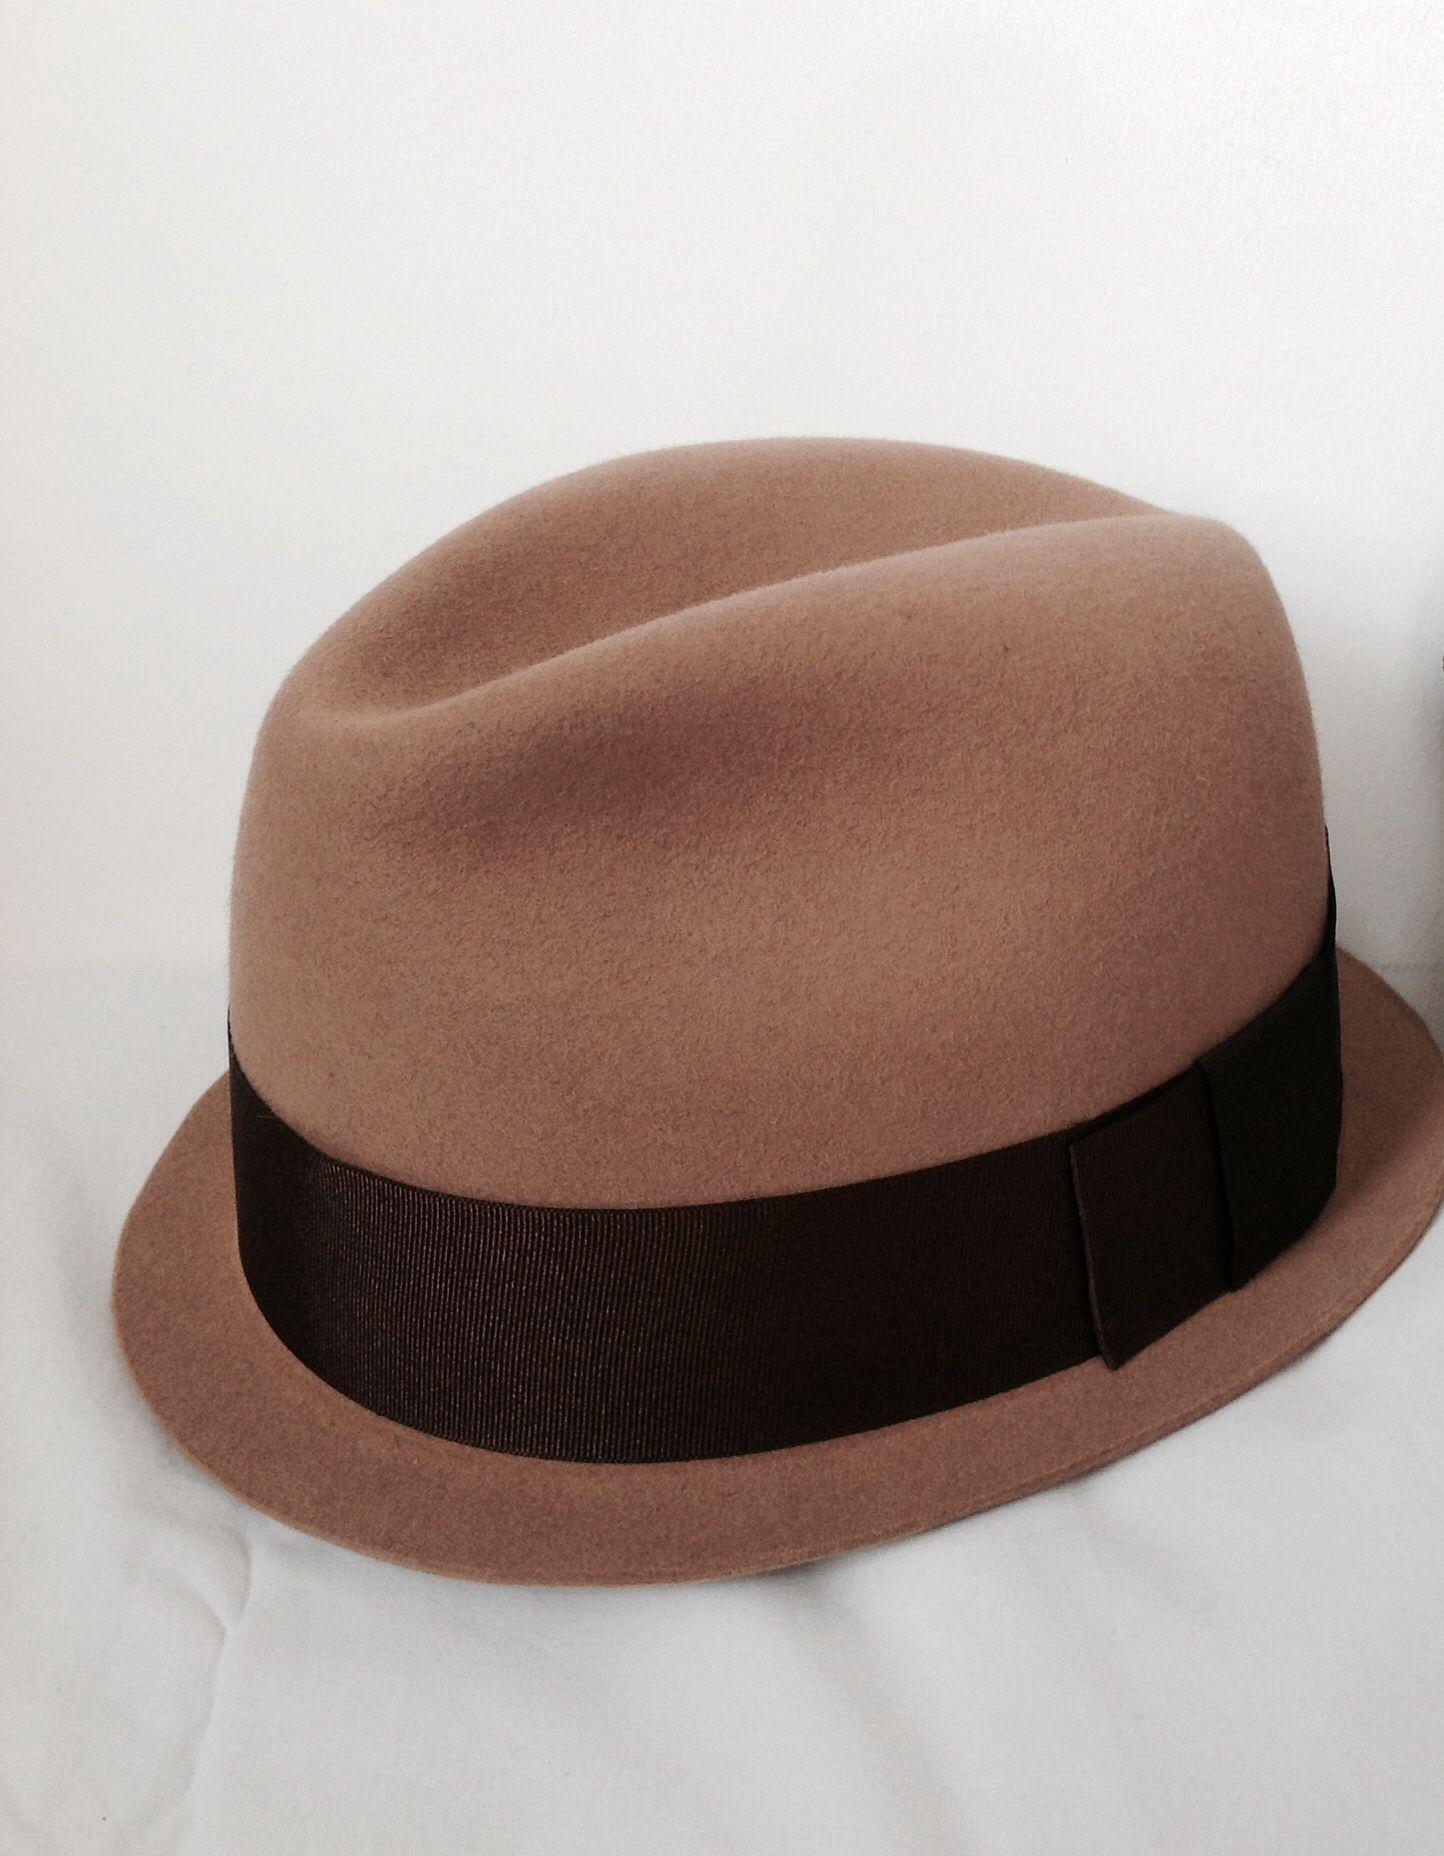 Stetson Duetoni Milan Straw Fedora Hat